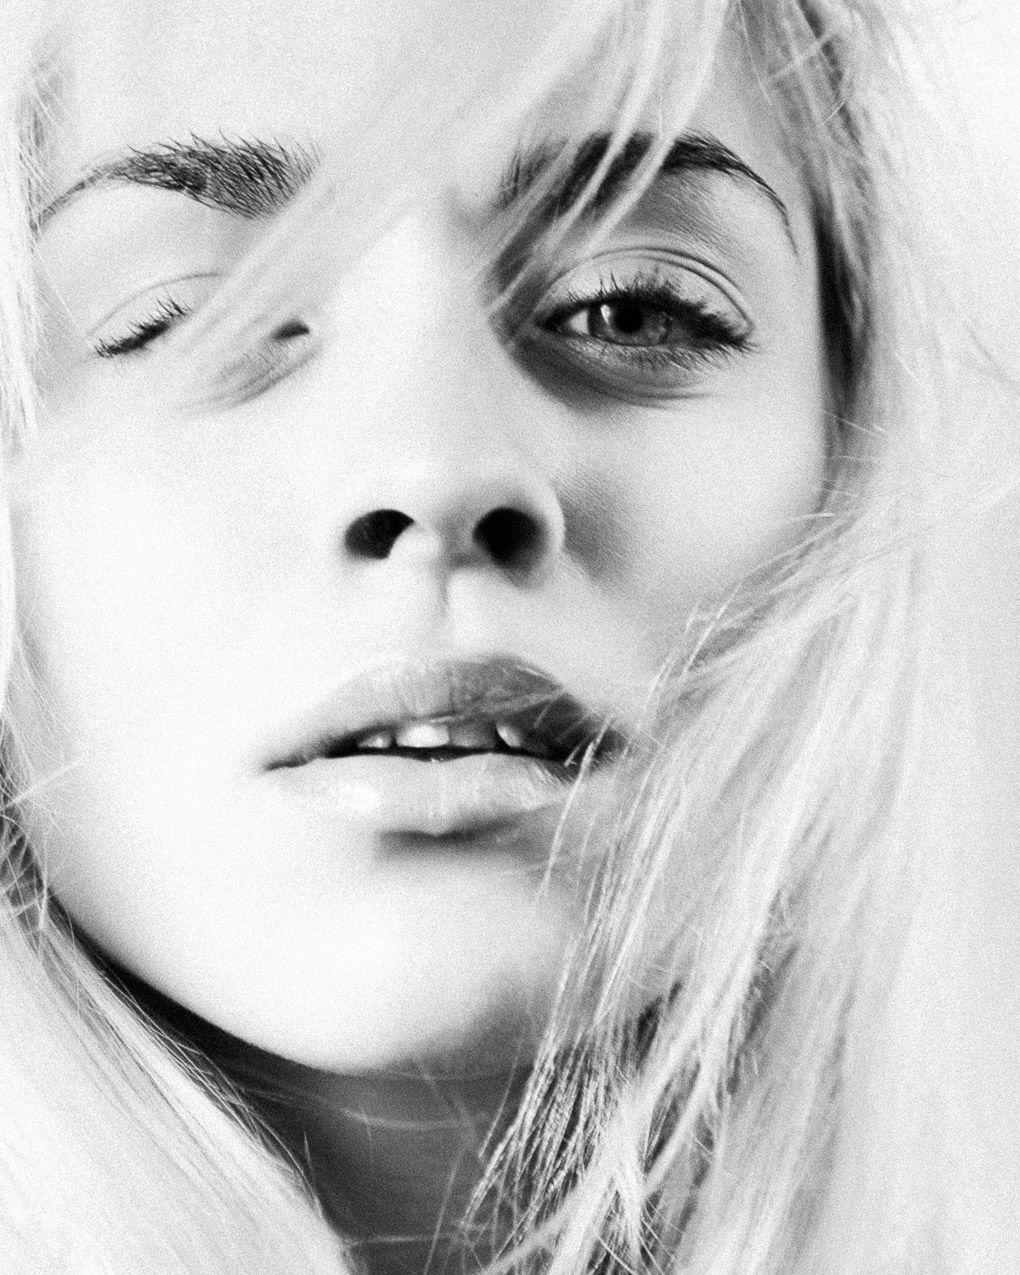 FOLLOW LINK: Rocio Segura Photography - Portraits http://www.rociosegura.es/portraits#6 via format.com